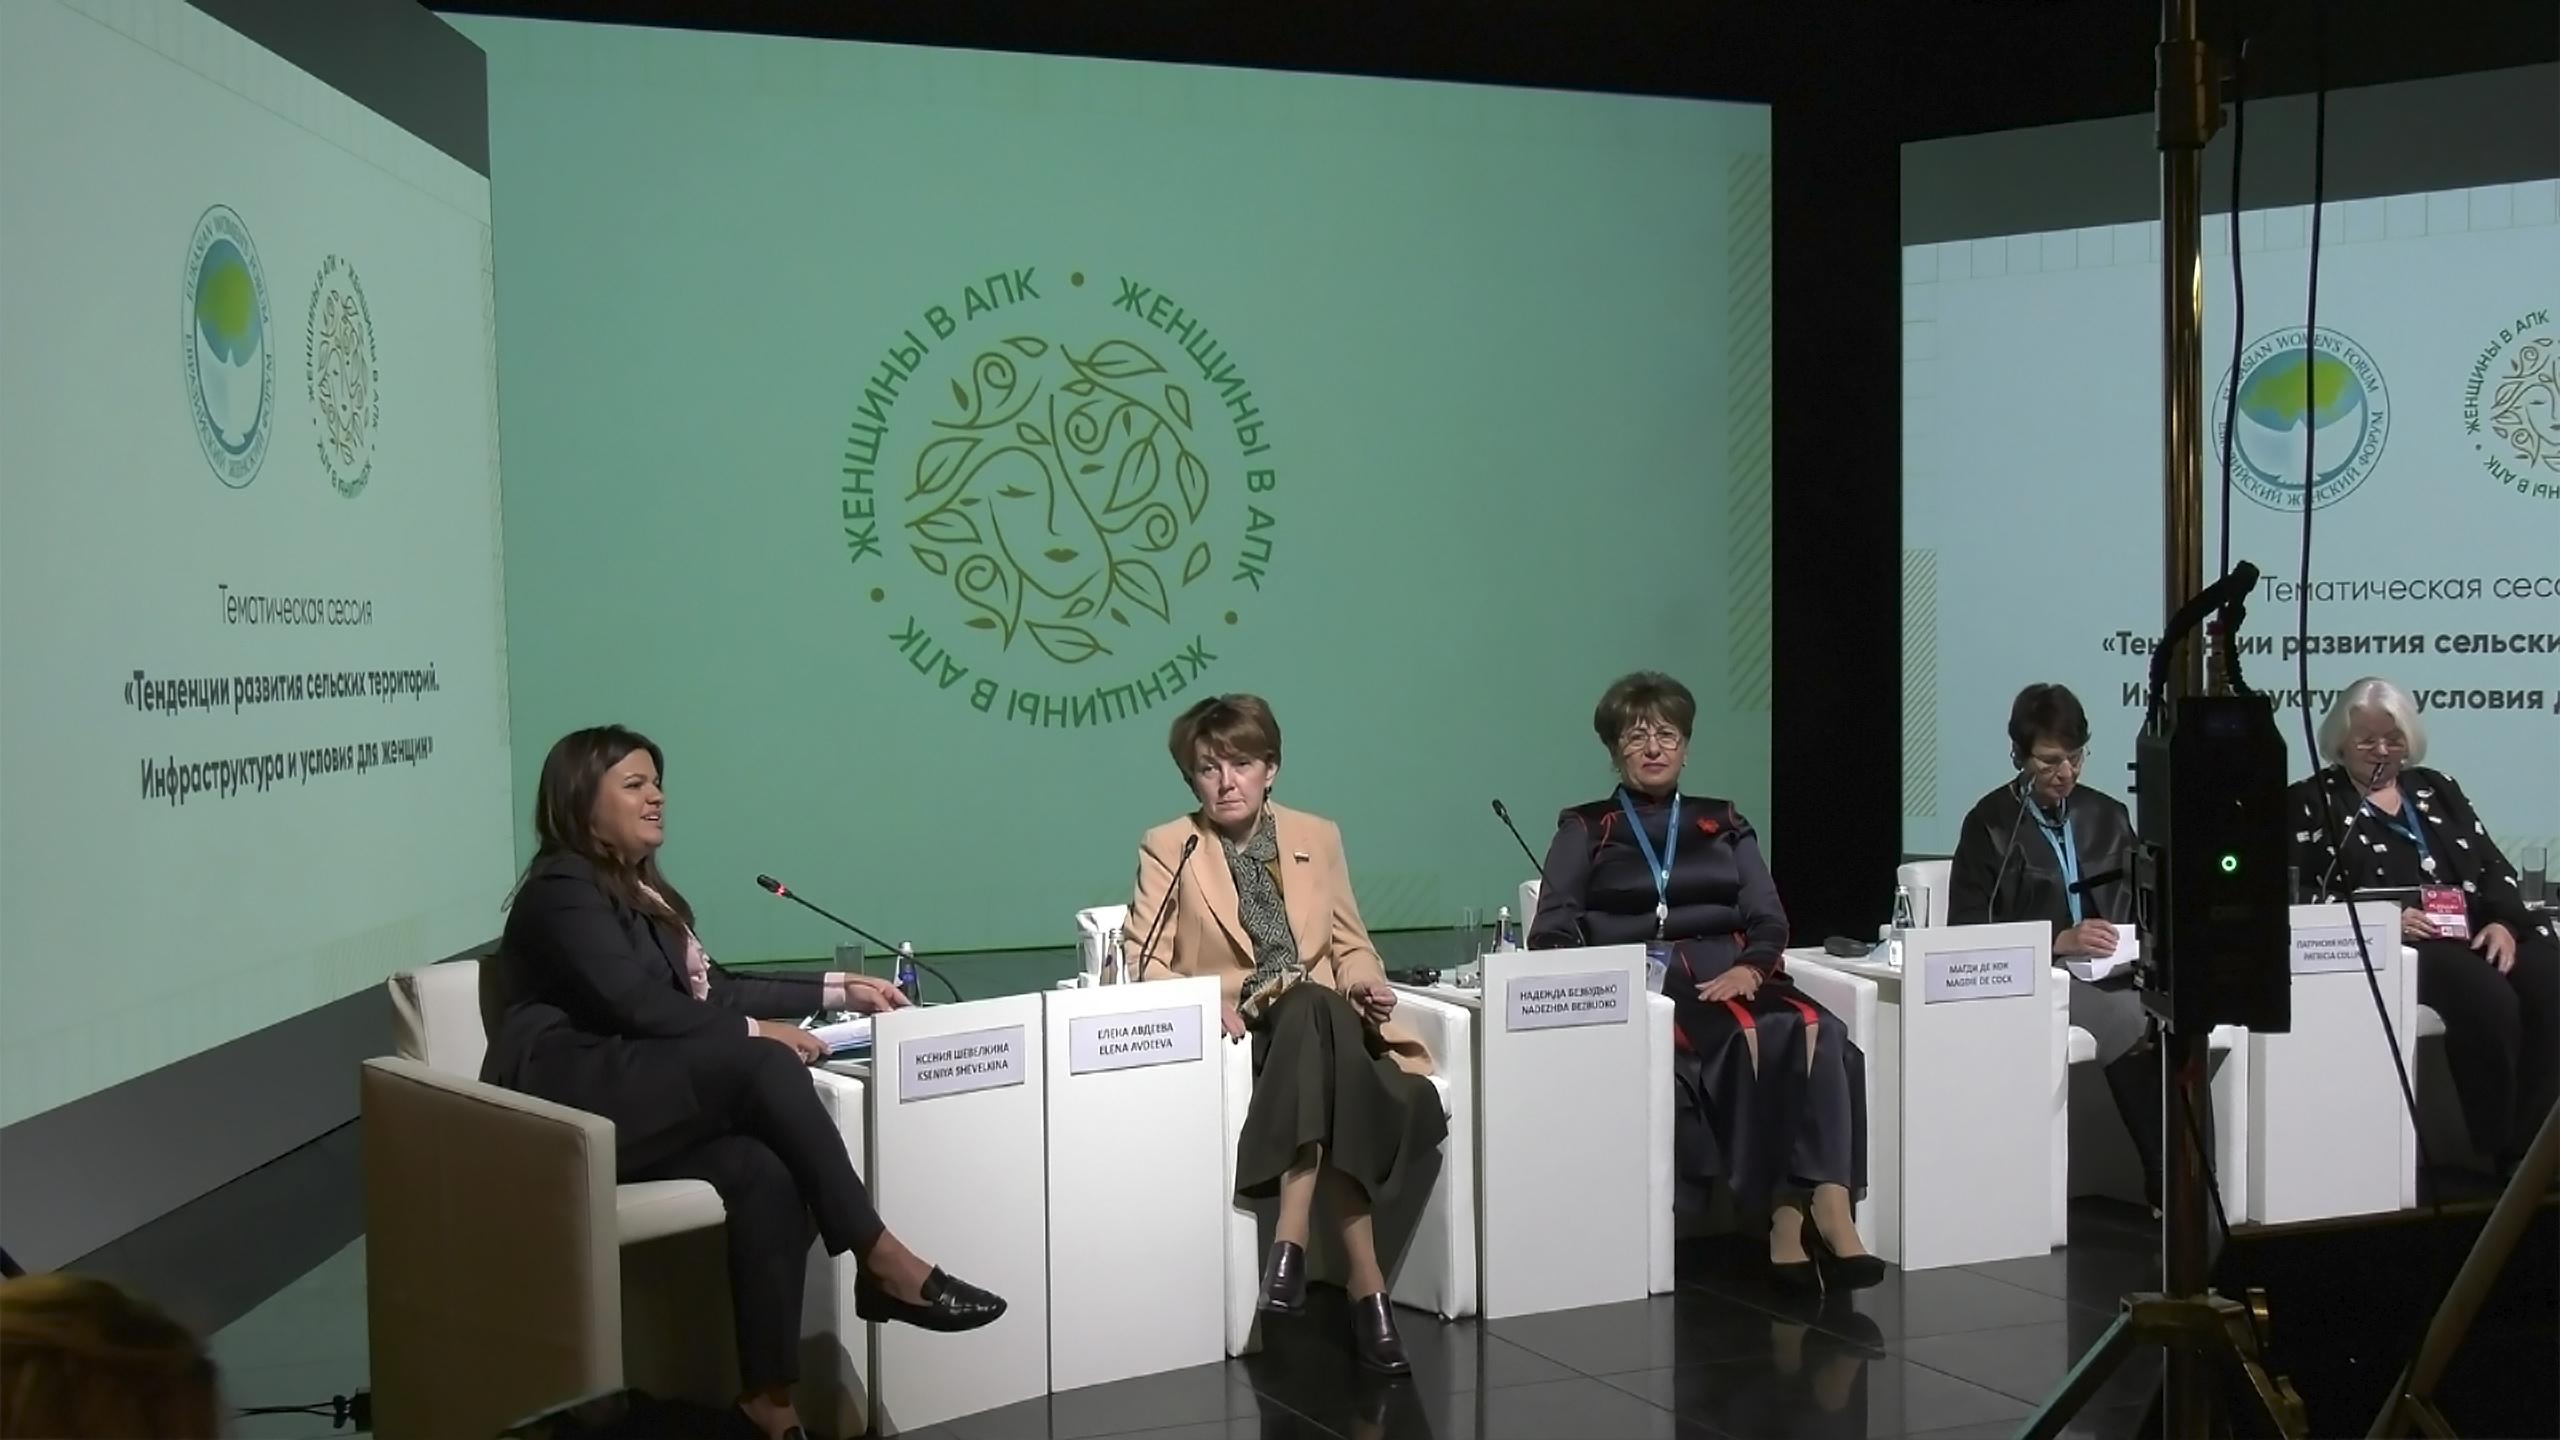 Сенатор от Ямала сегодня выступит на женском форуме в Петербурге